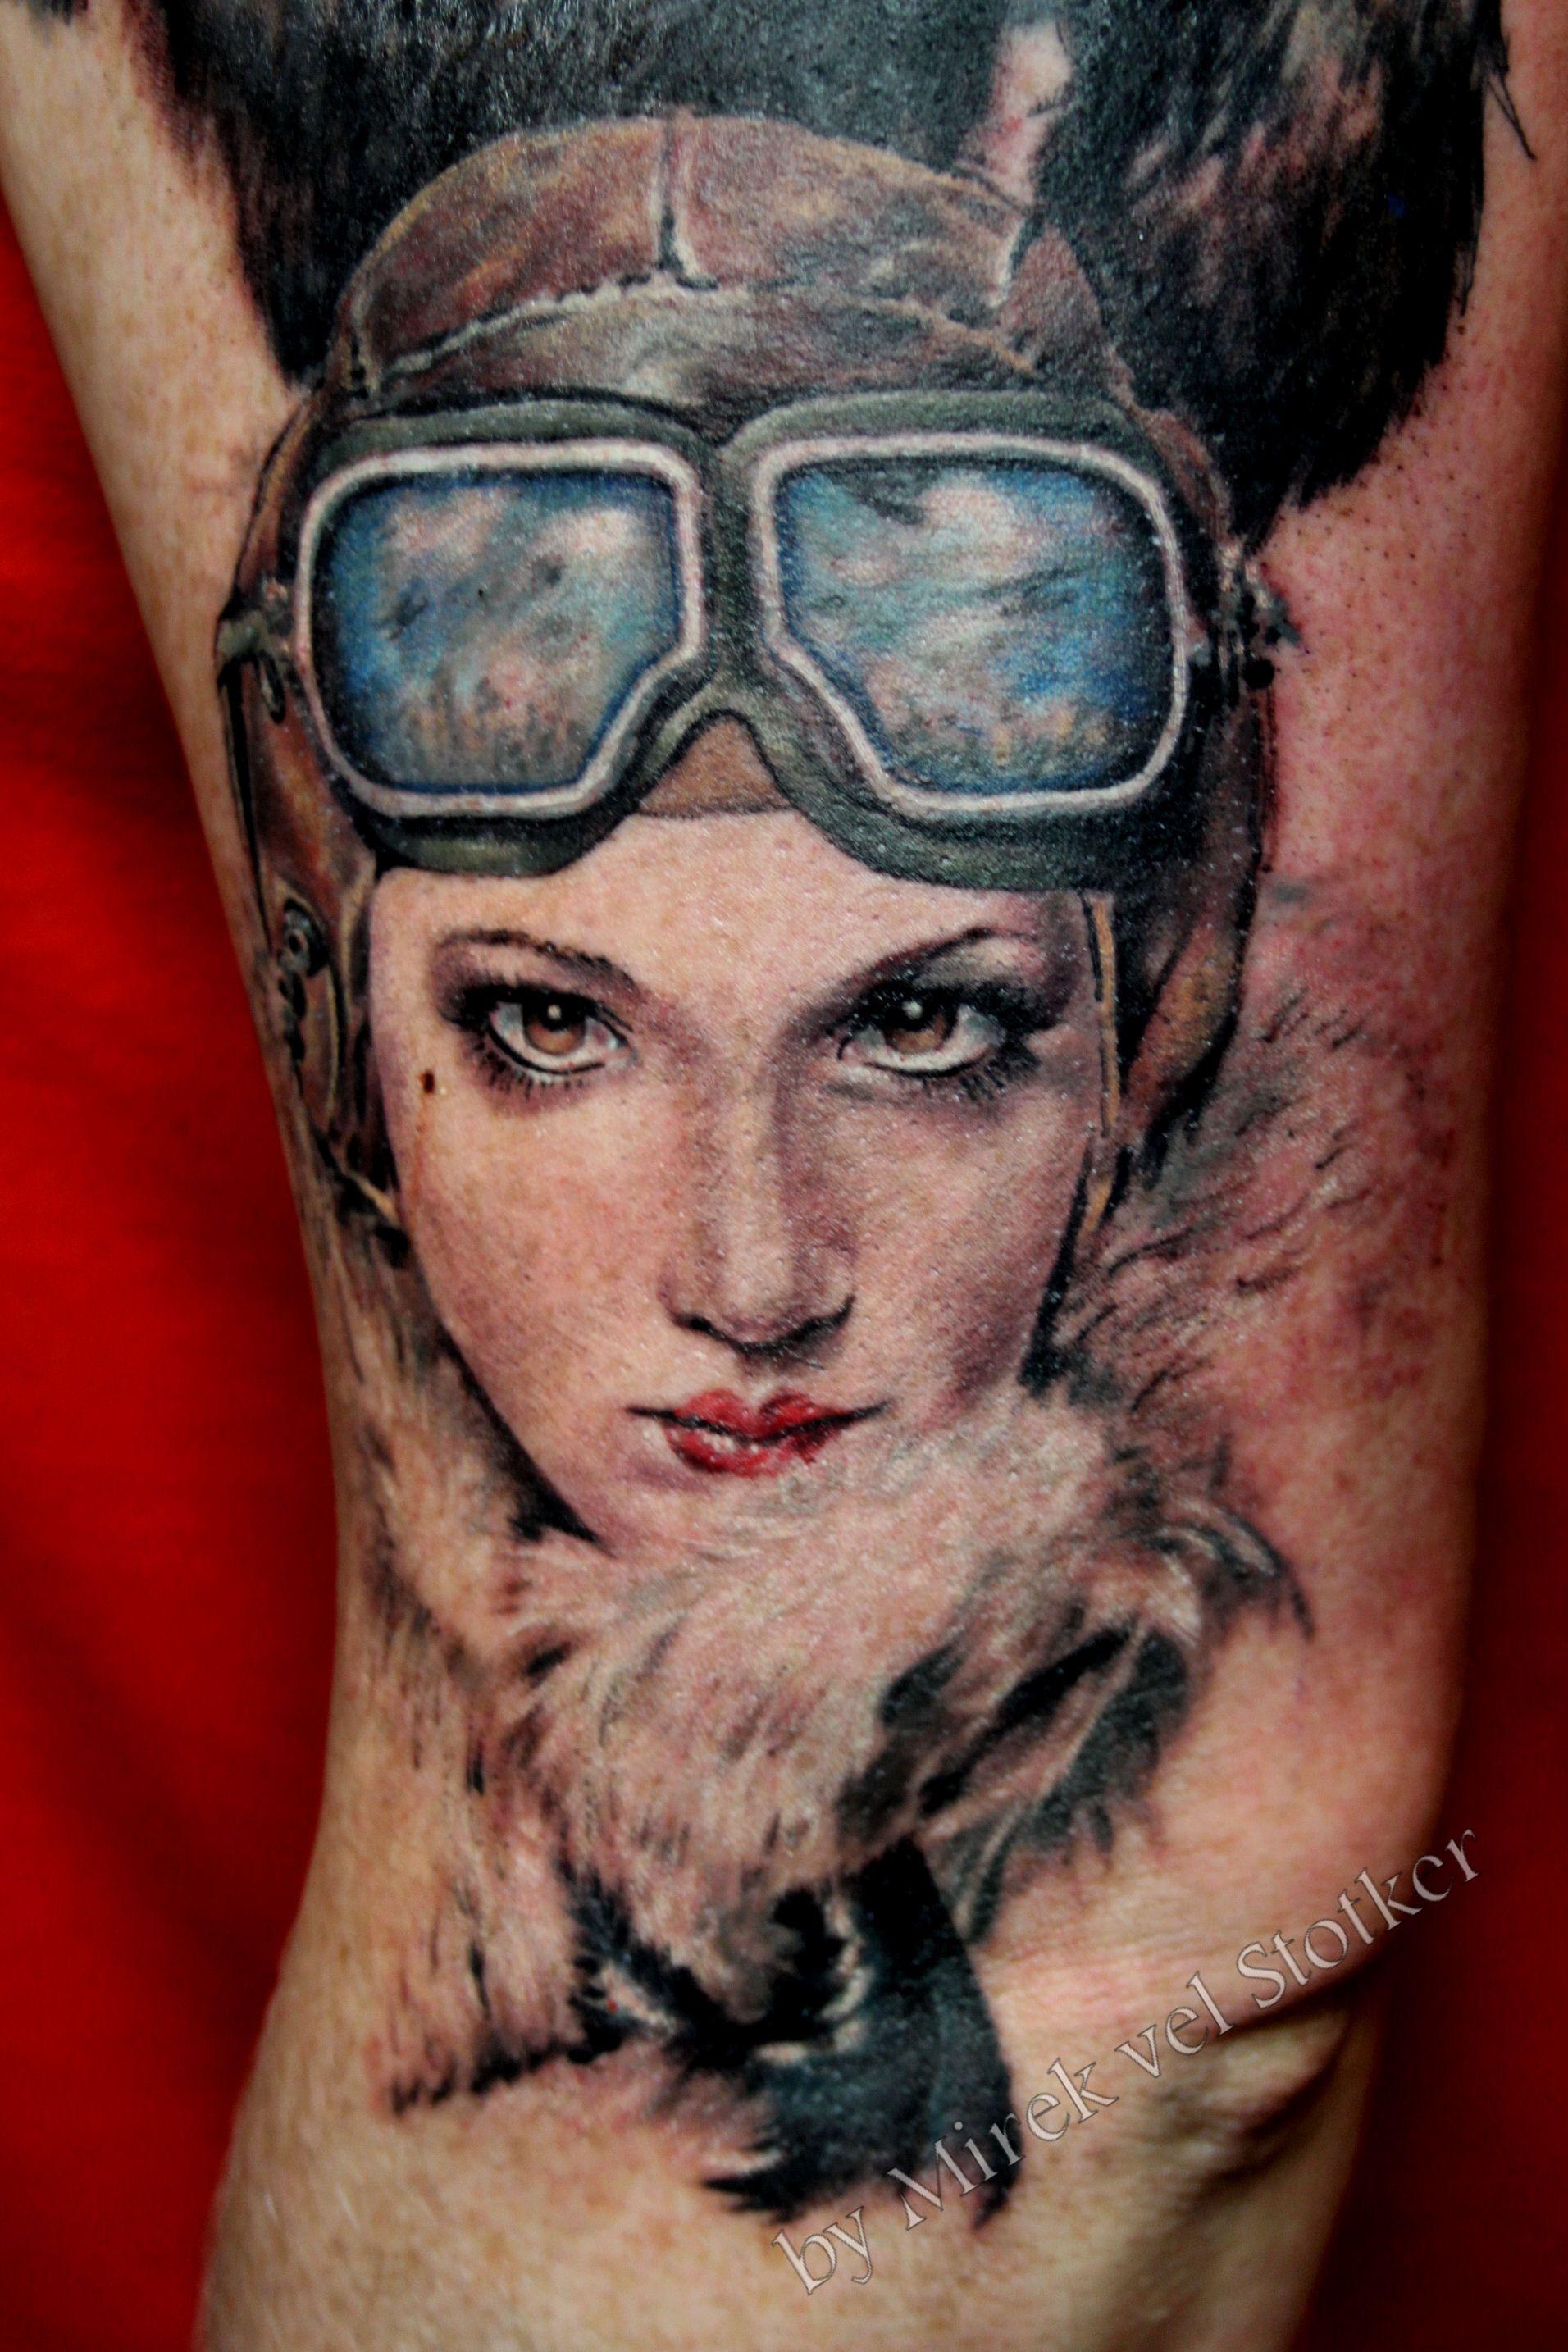 Baby portrait tattoo ideas - Portrait Tattoos Pilot Tattoo And Tattoo Designs